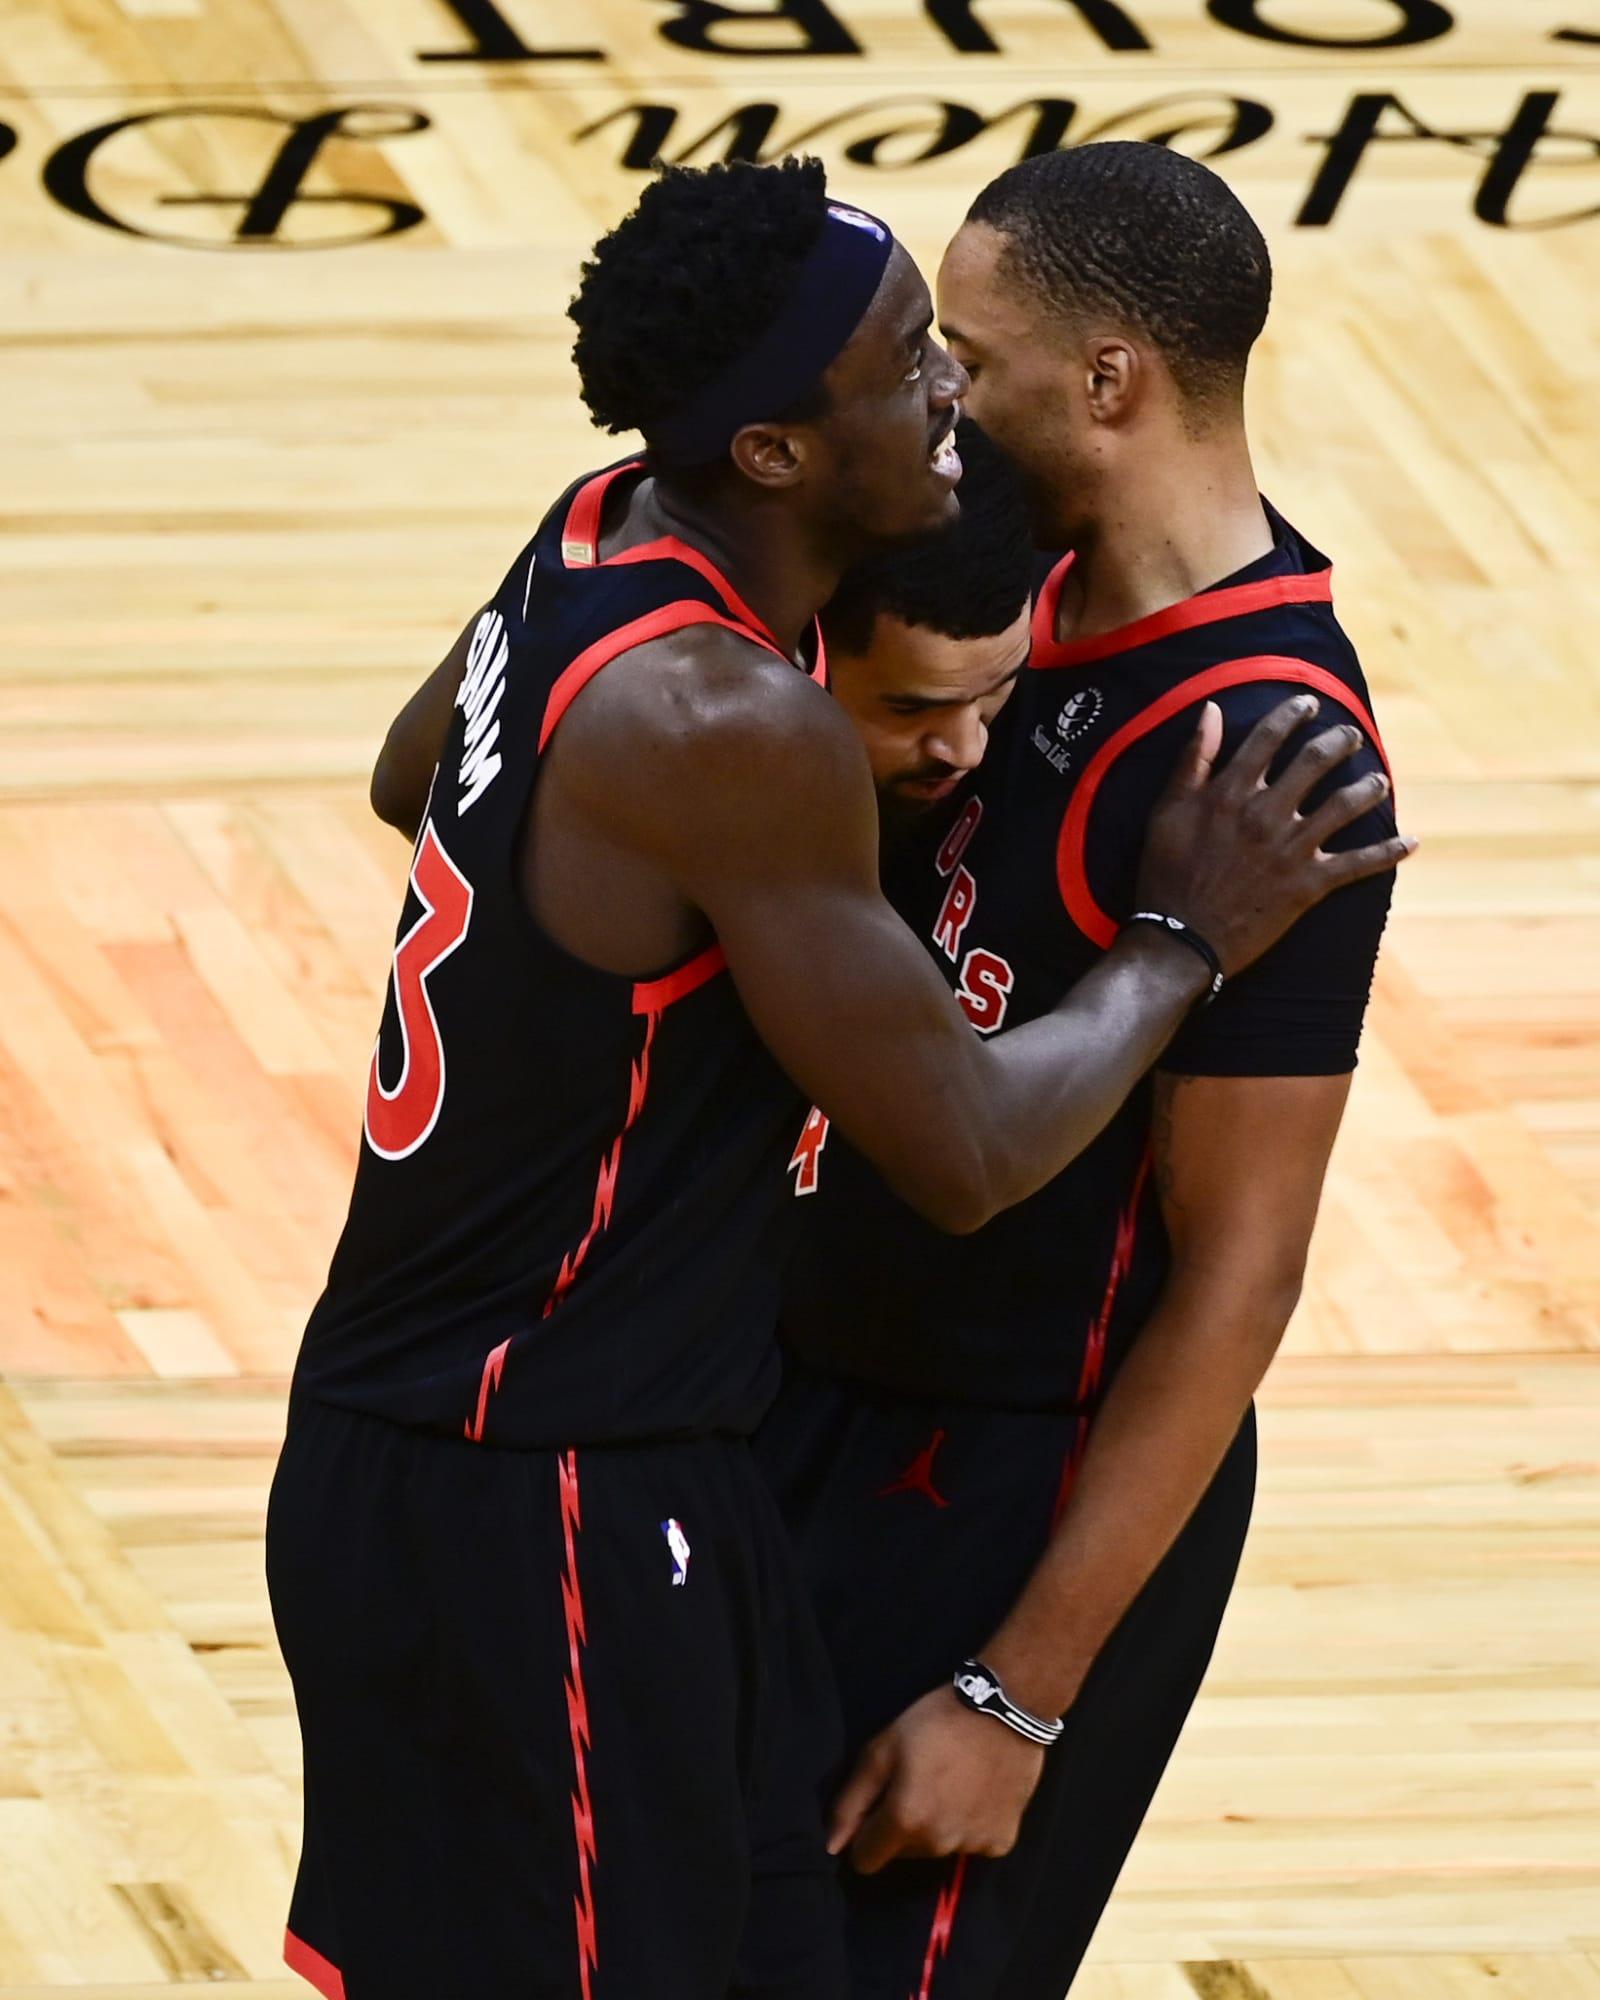 Raptors recap: Siakam, VanVleet, Powell lead balanced win over Grizzlies after Nurse ejection